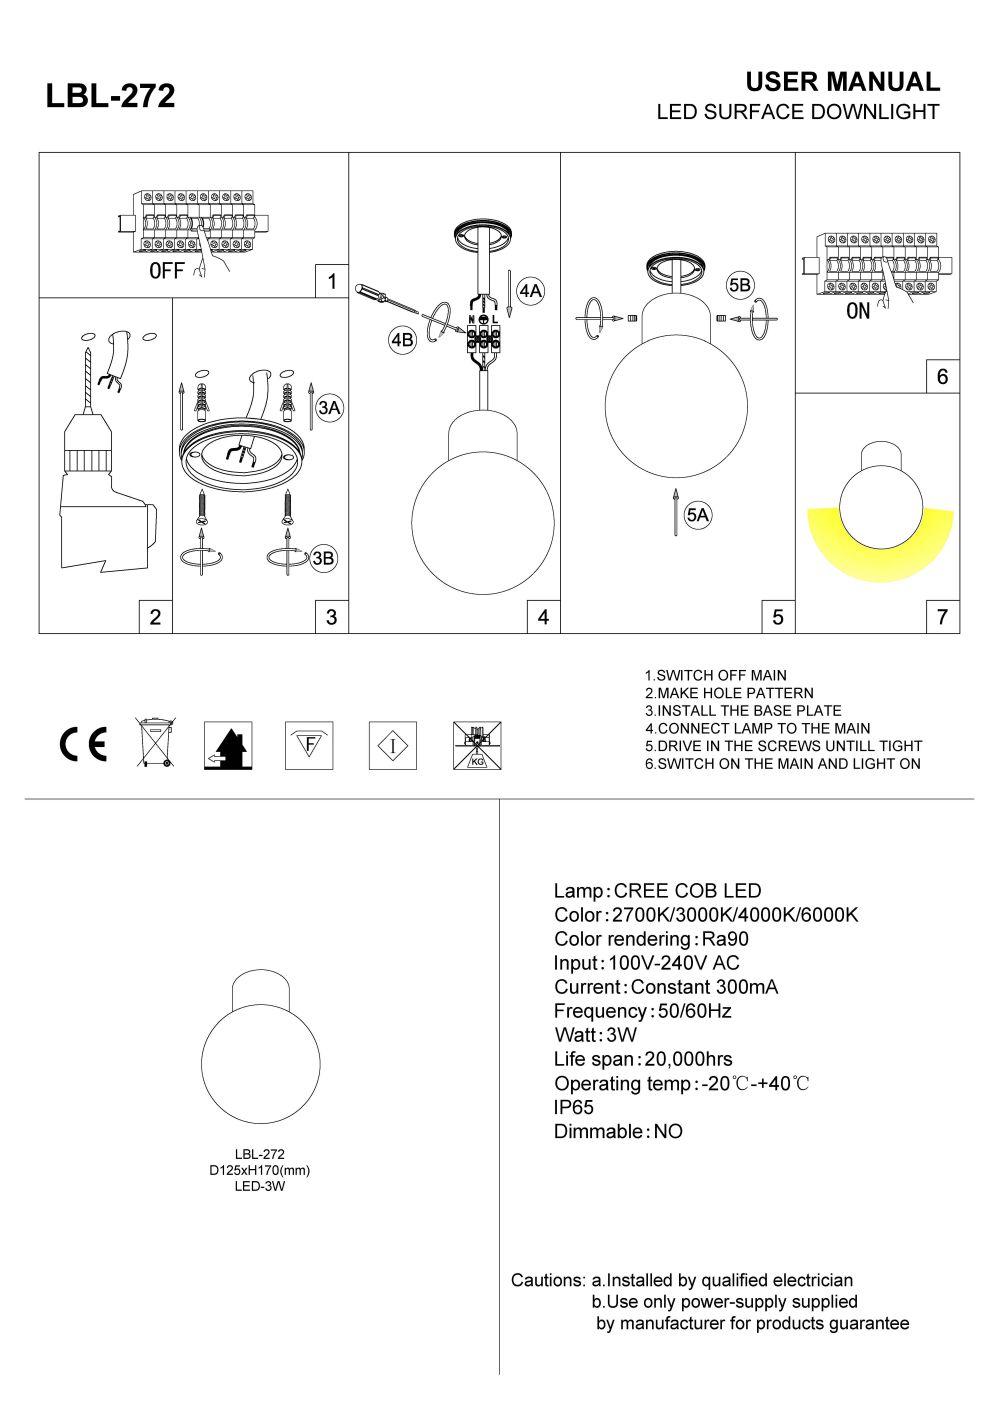 LBL-272 5 watt black globe LED porch light